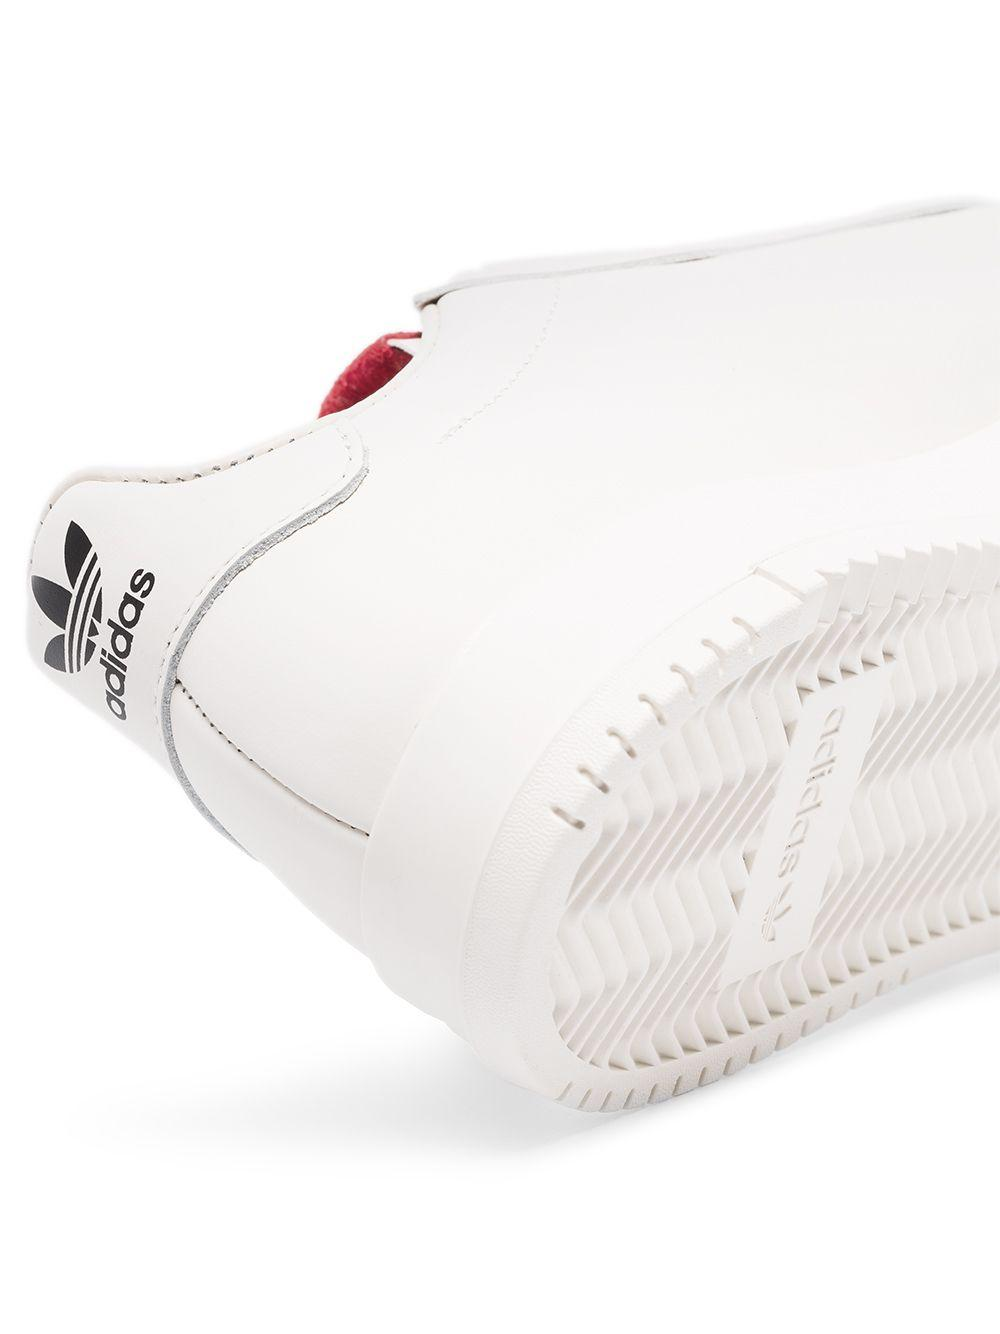 Zapatillas SC Premiere de x 424 adidas de Cuero de color Blanco para hombre